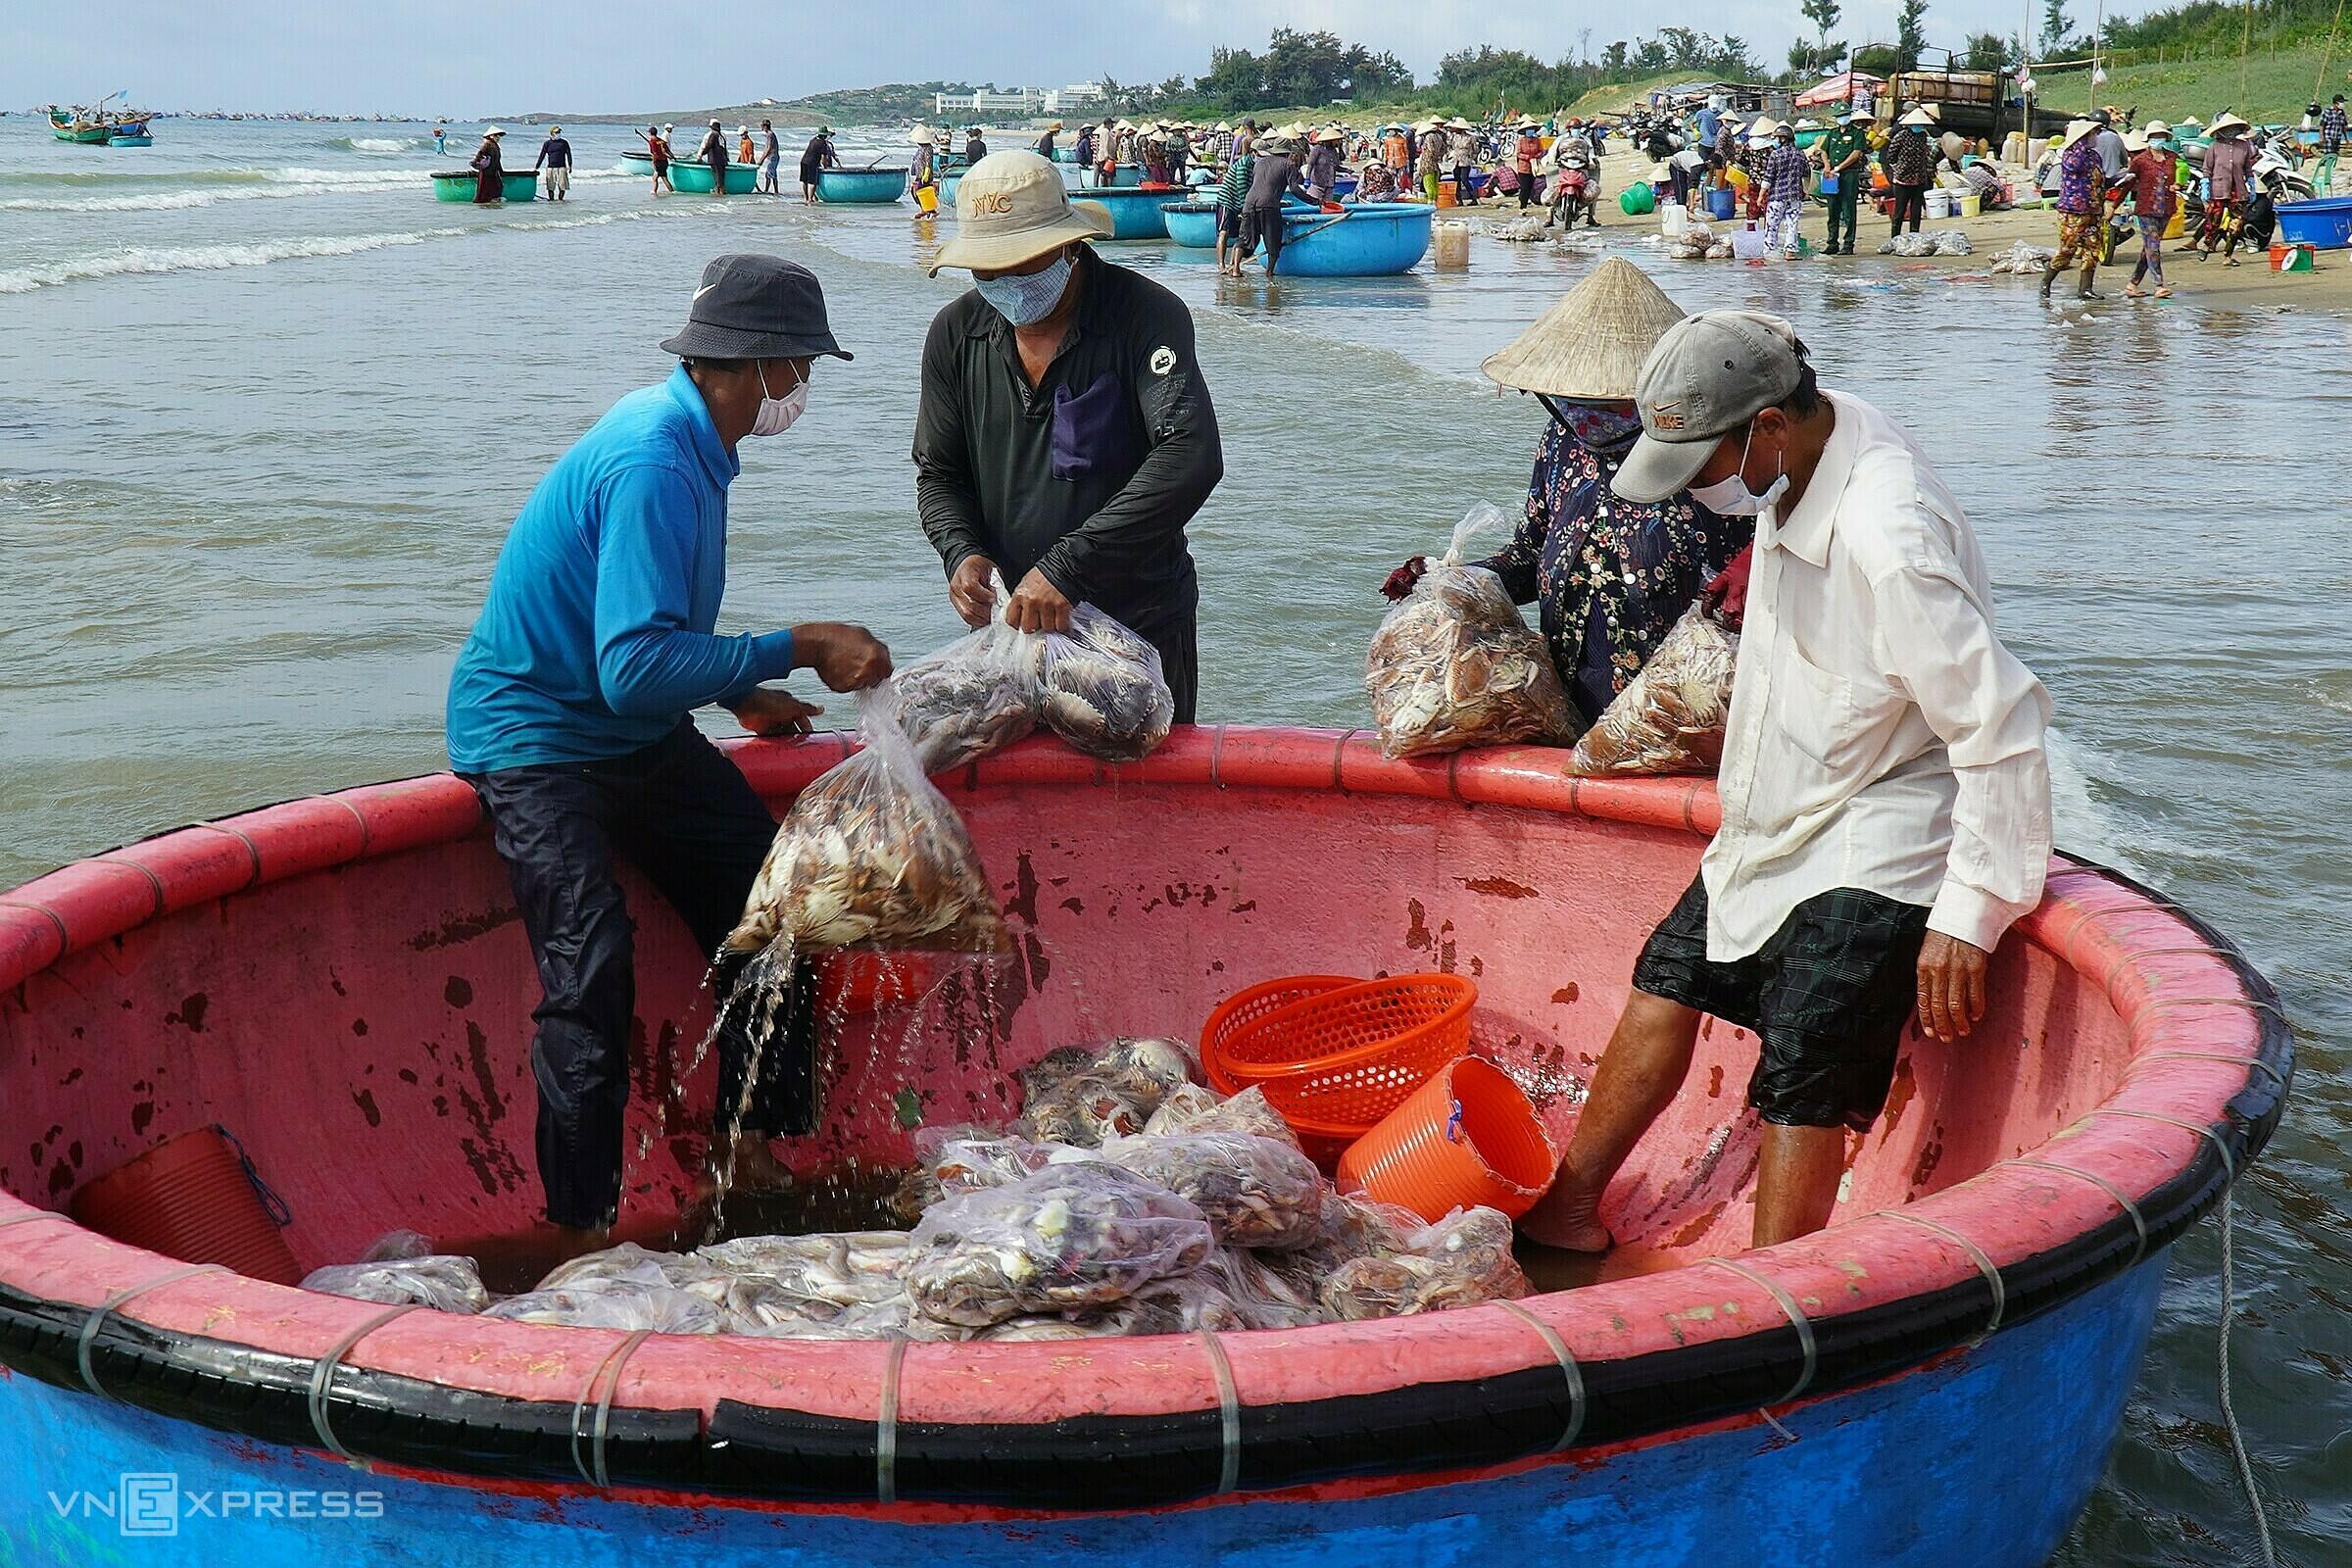 Thuyền thúng trung chuyển hải sản từ thuyền gỗ vào trong bờ Bãi Sau - Mũi Né, sáng 9/9. Ảnh: Việt Quốc